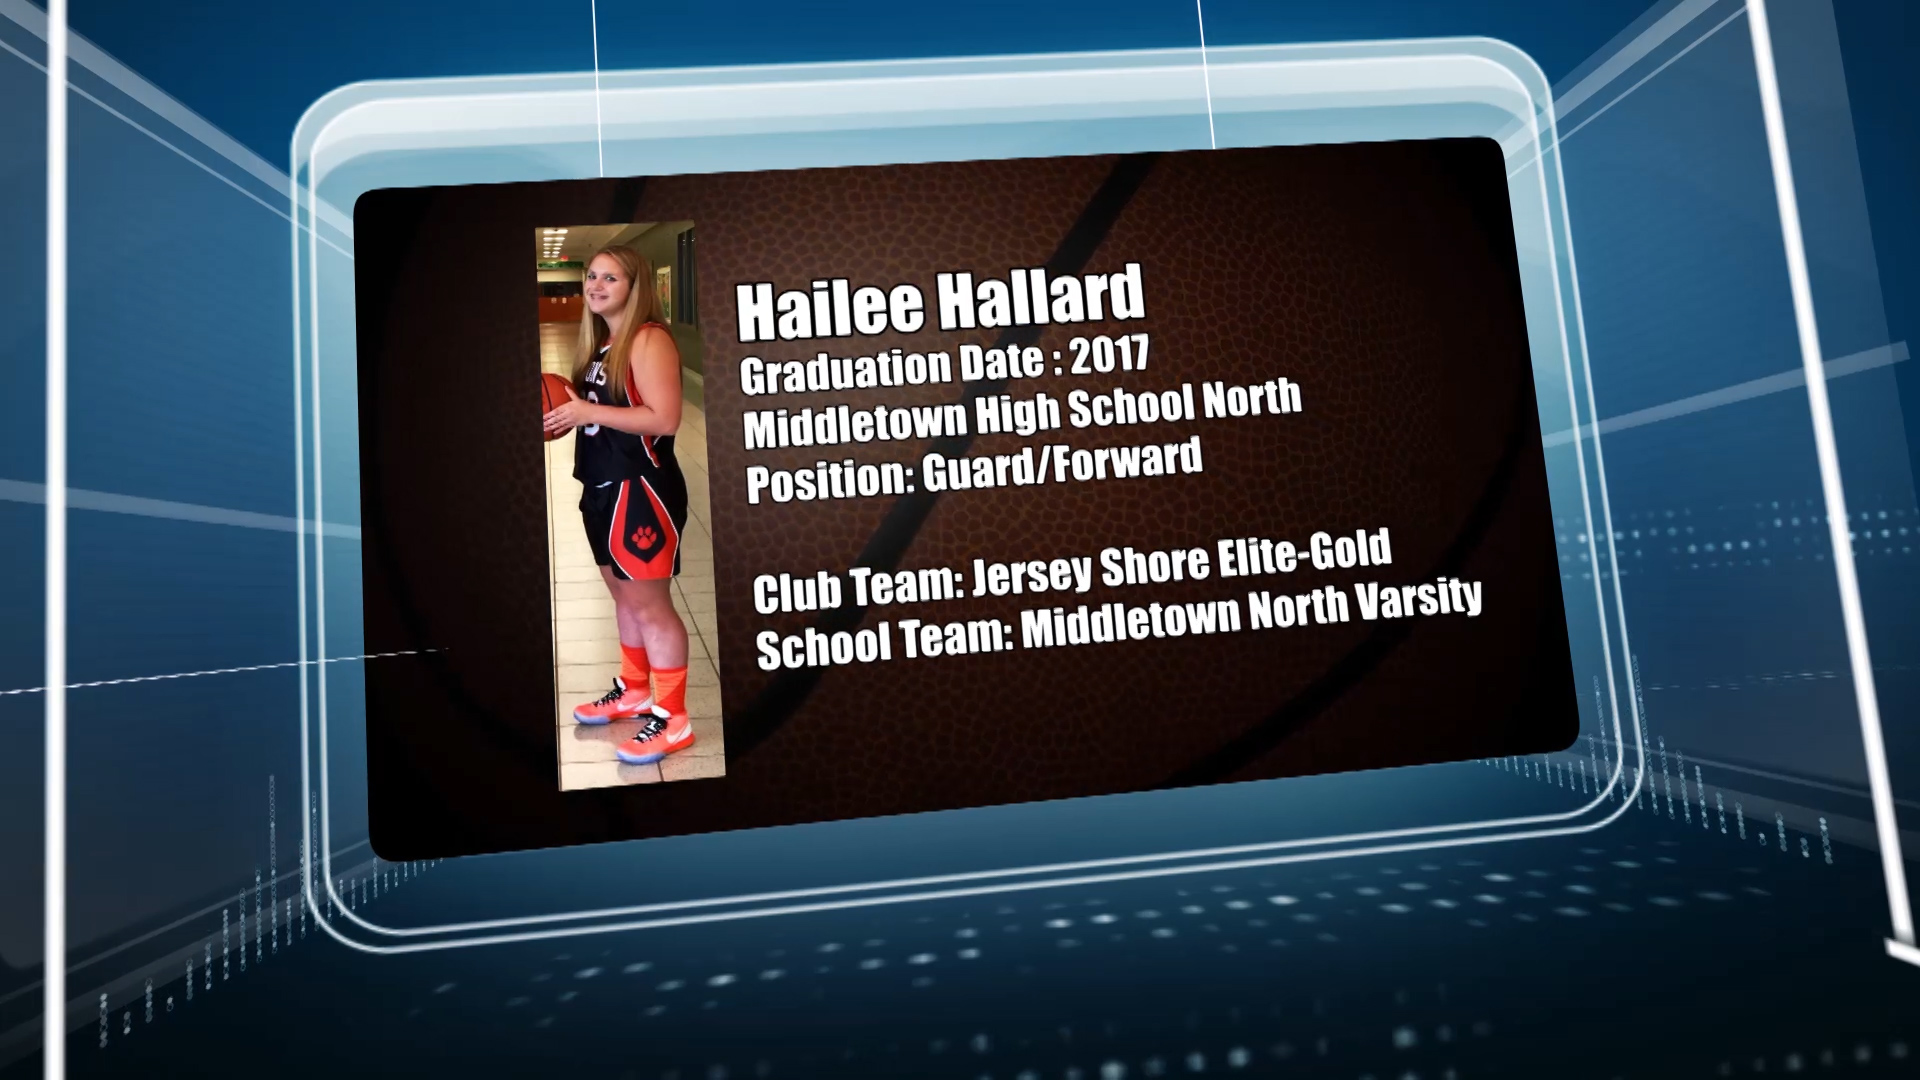 HaileeScreenshot.jpg